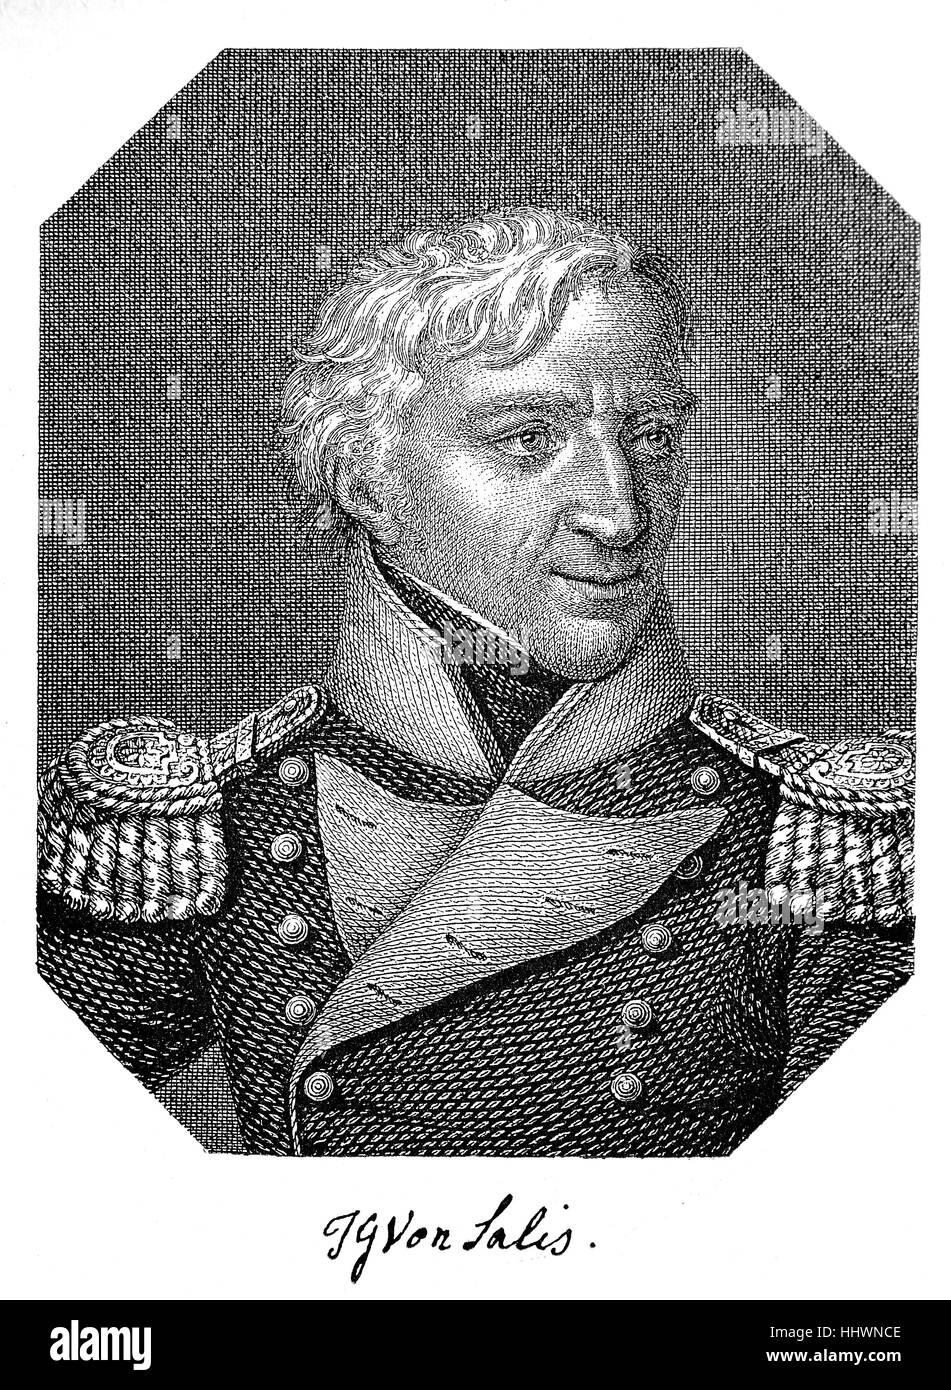 Johann Gaudenz Gubert Graf und Freiherr von Salis-Seewis, born December 26, 1762, Malans; died January 29, 1834, - Stock Image